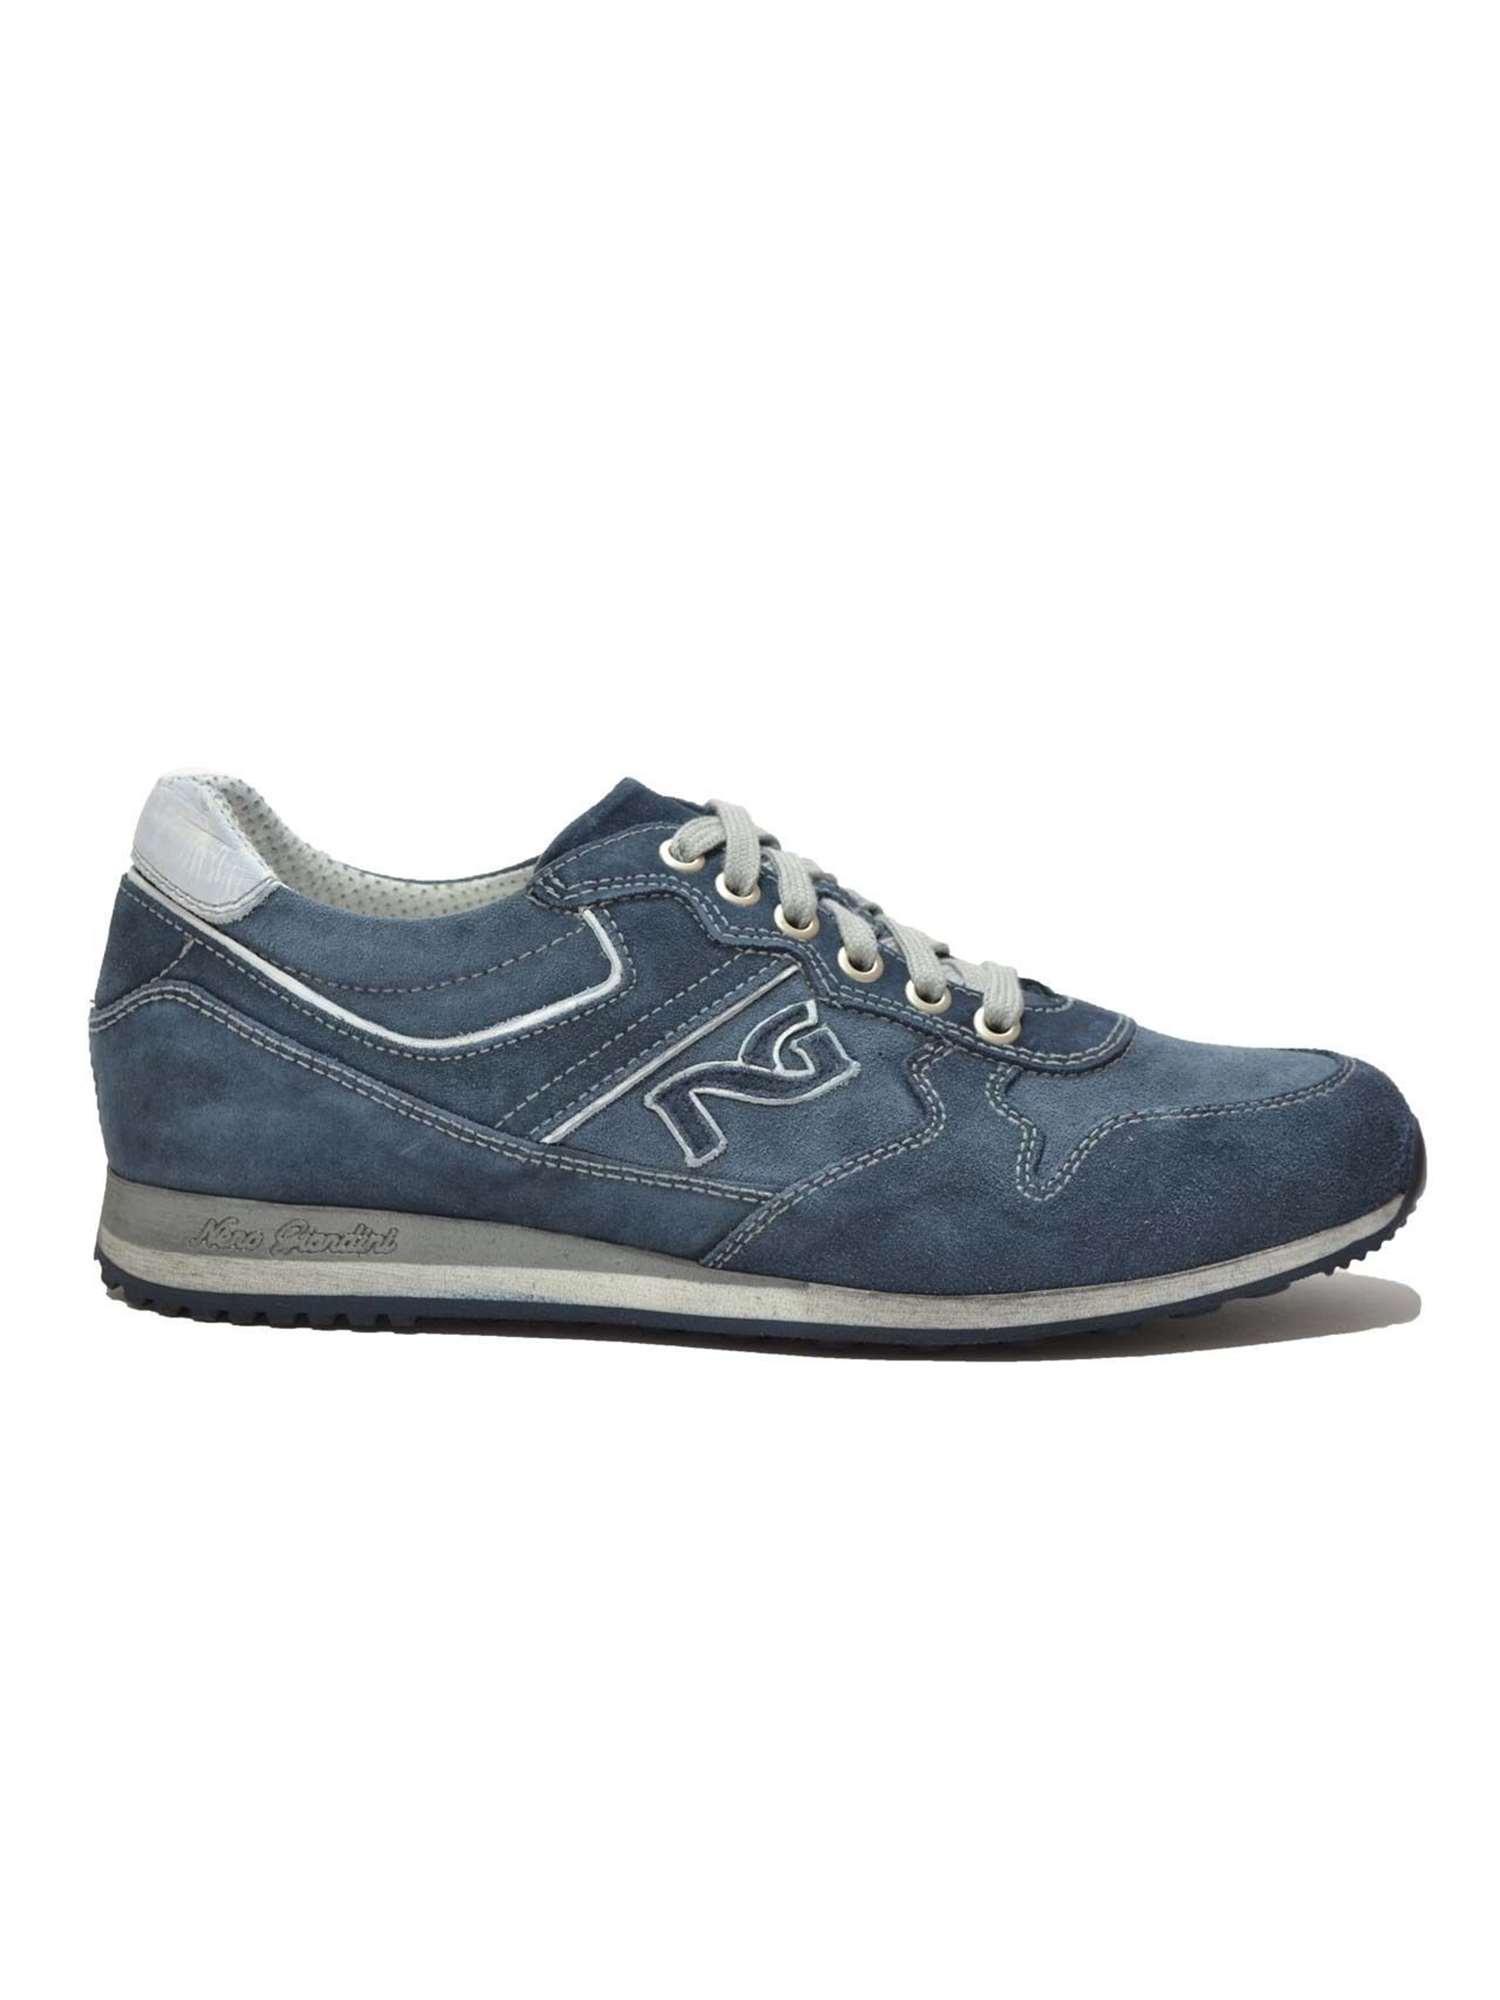 Nero giardini uomo lacci blu lacci uomo tania calzature bari - Anfibi uomo nero giardini ...